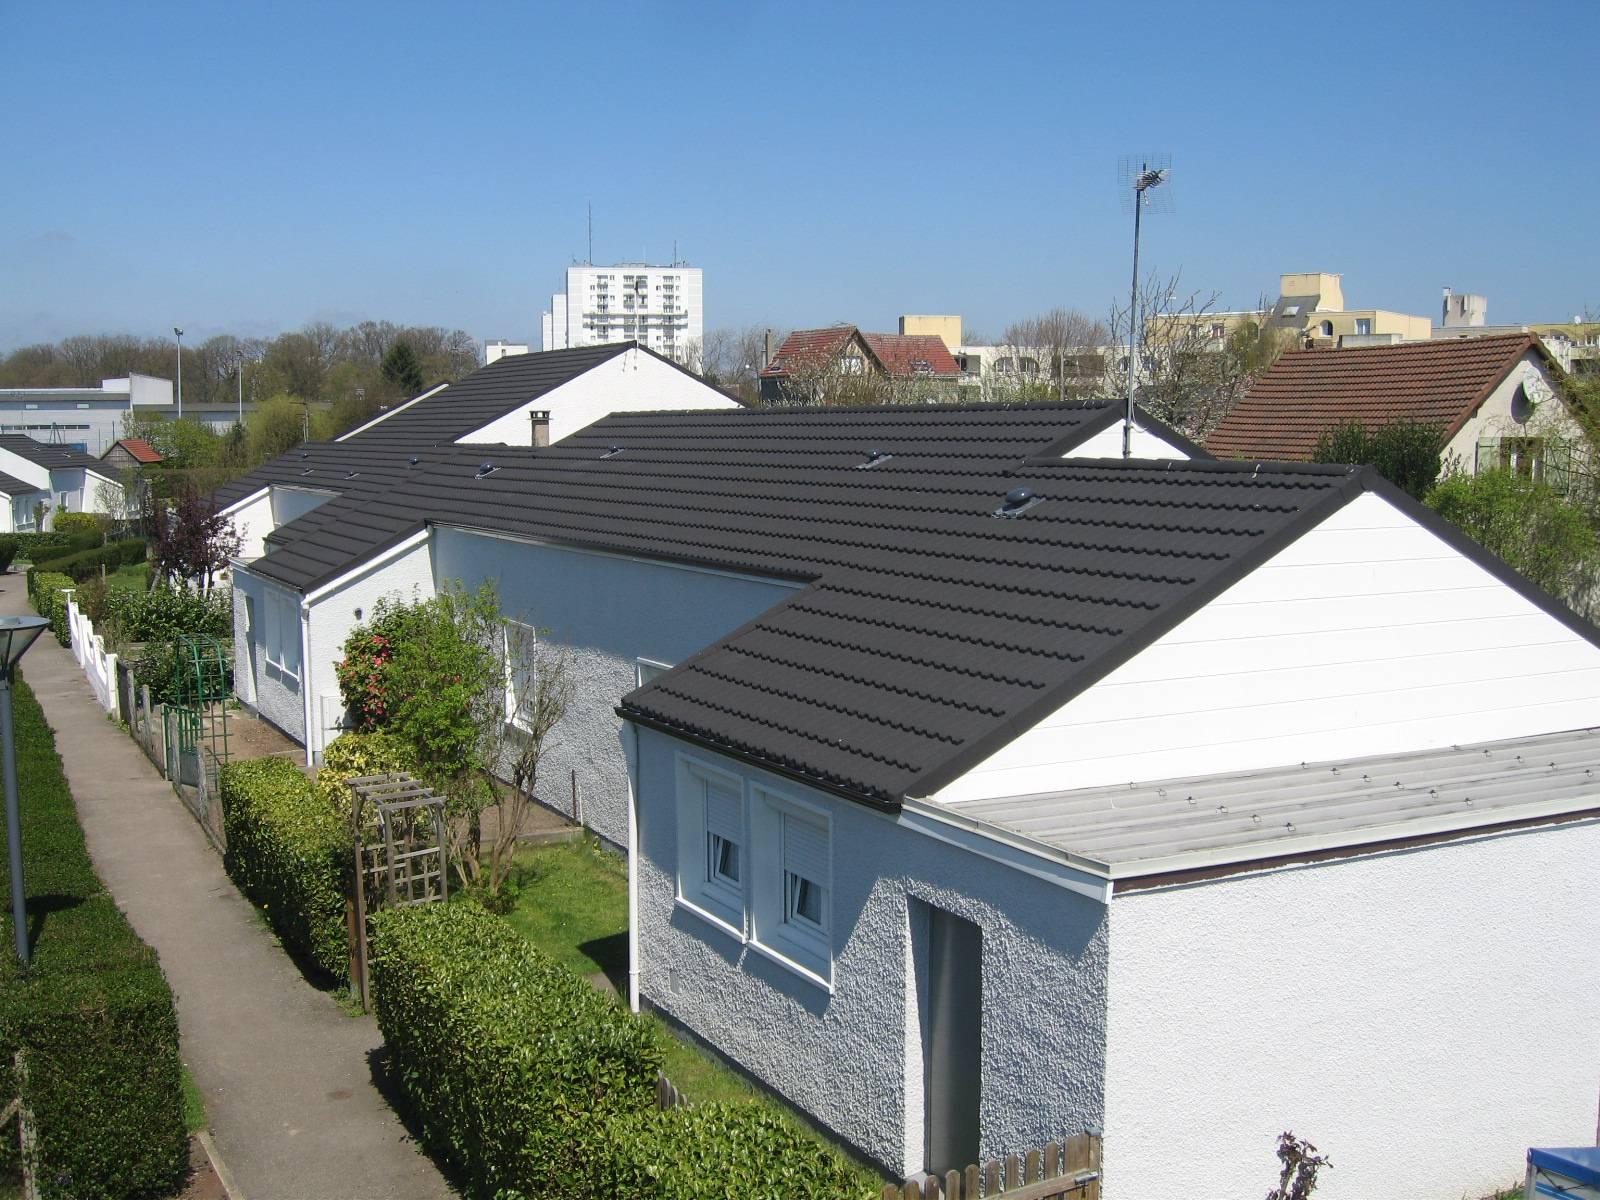 GERARD® CLASSIC - Fabrication & livraison de tuiles Lyon - Matériaux rénovation toiture - AHI ...